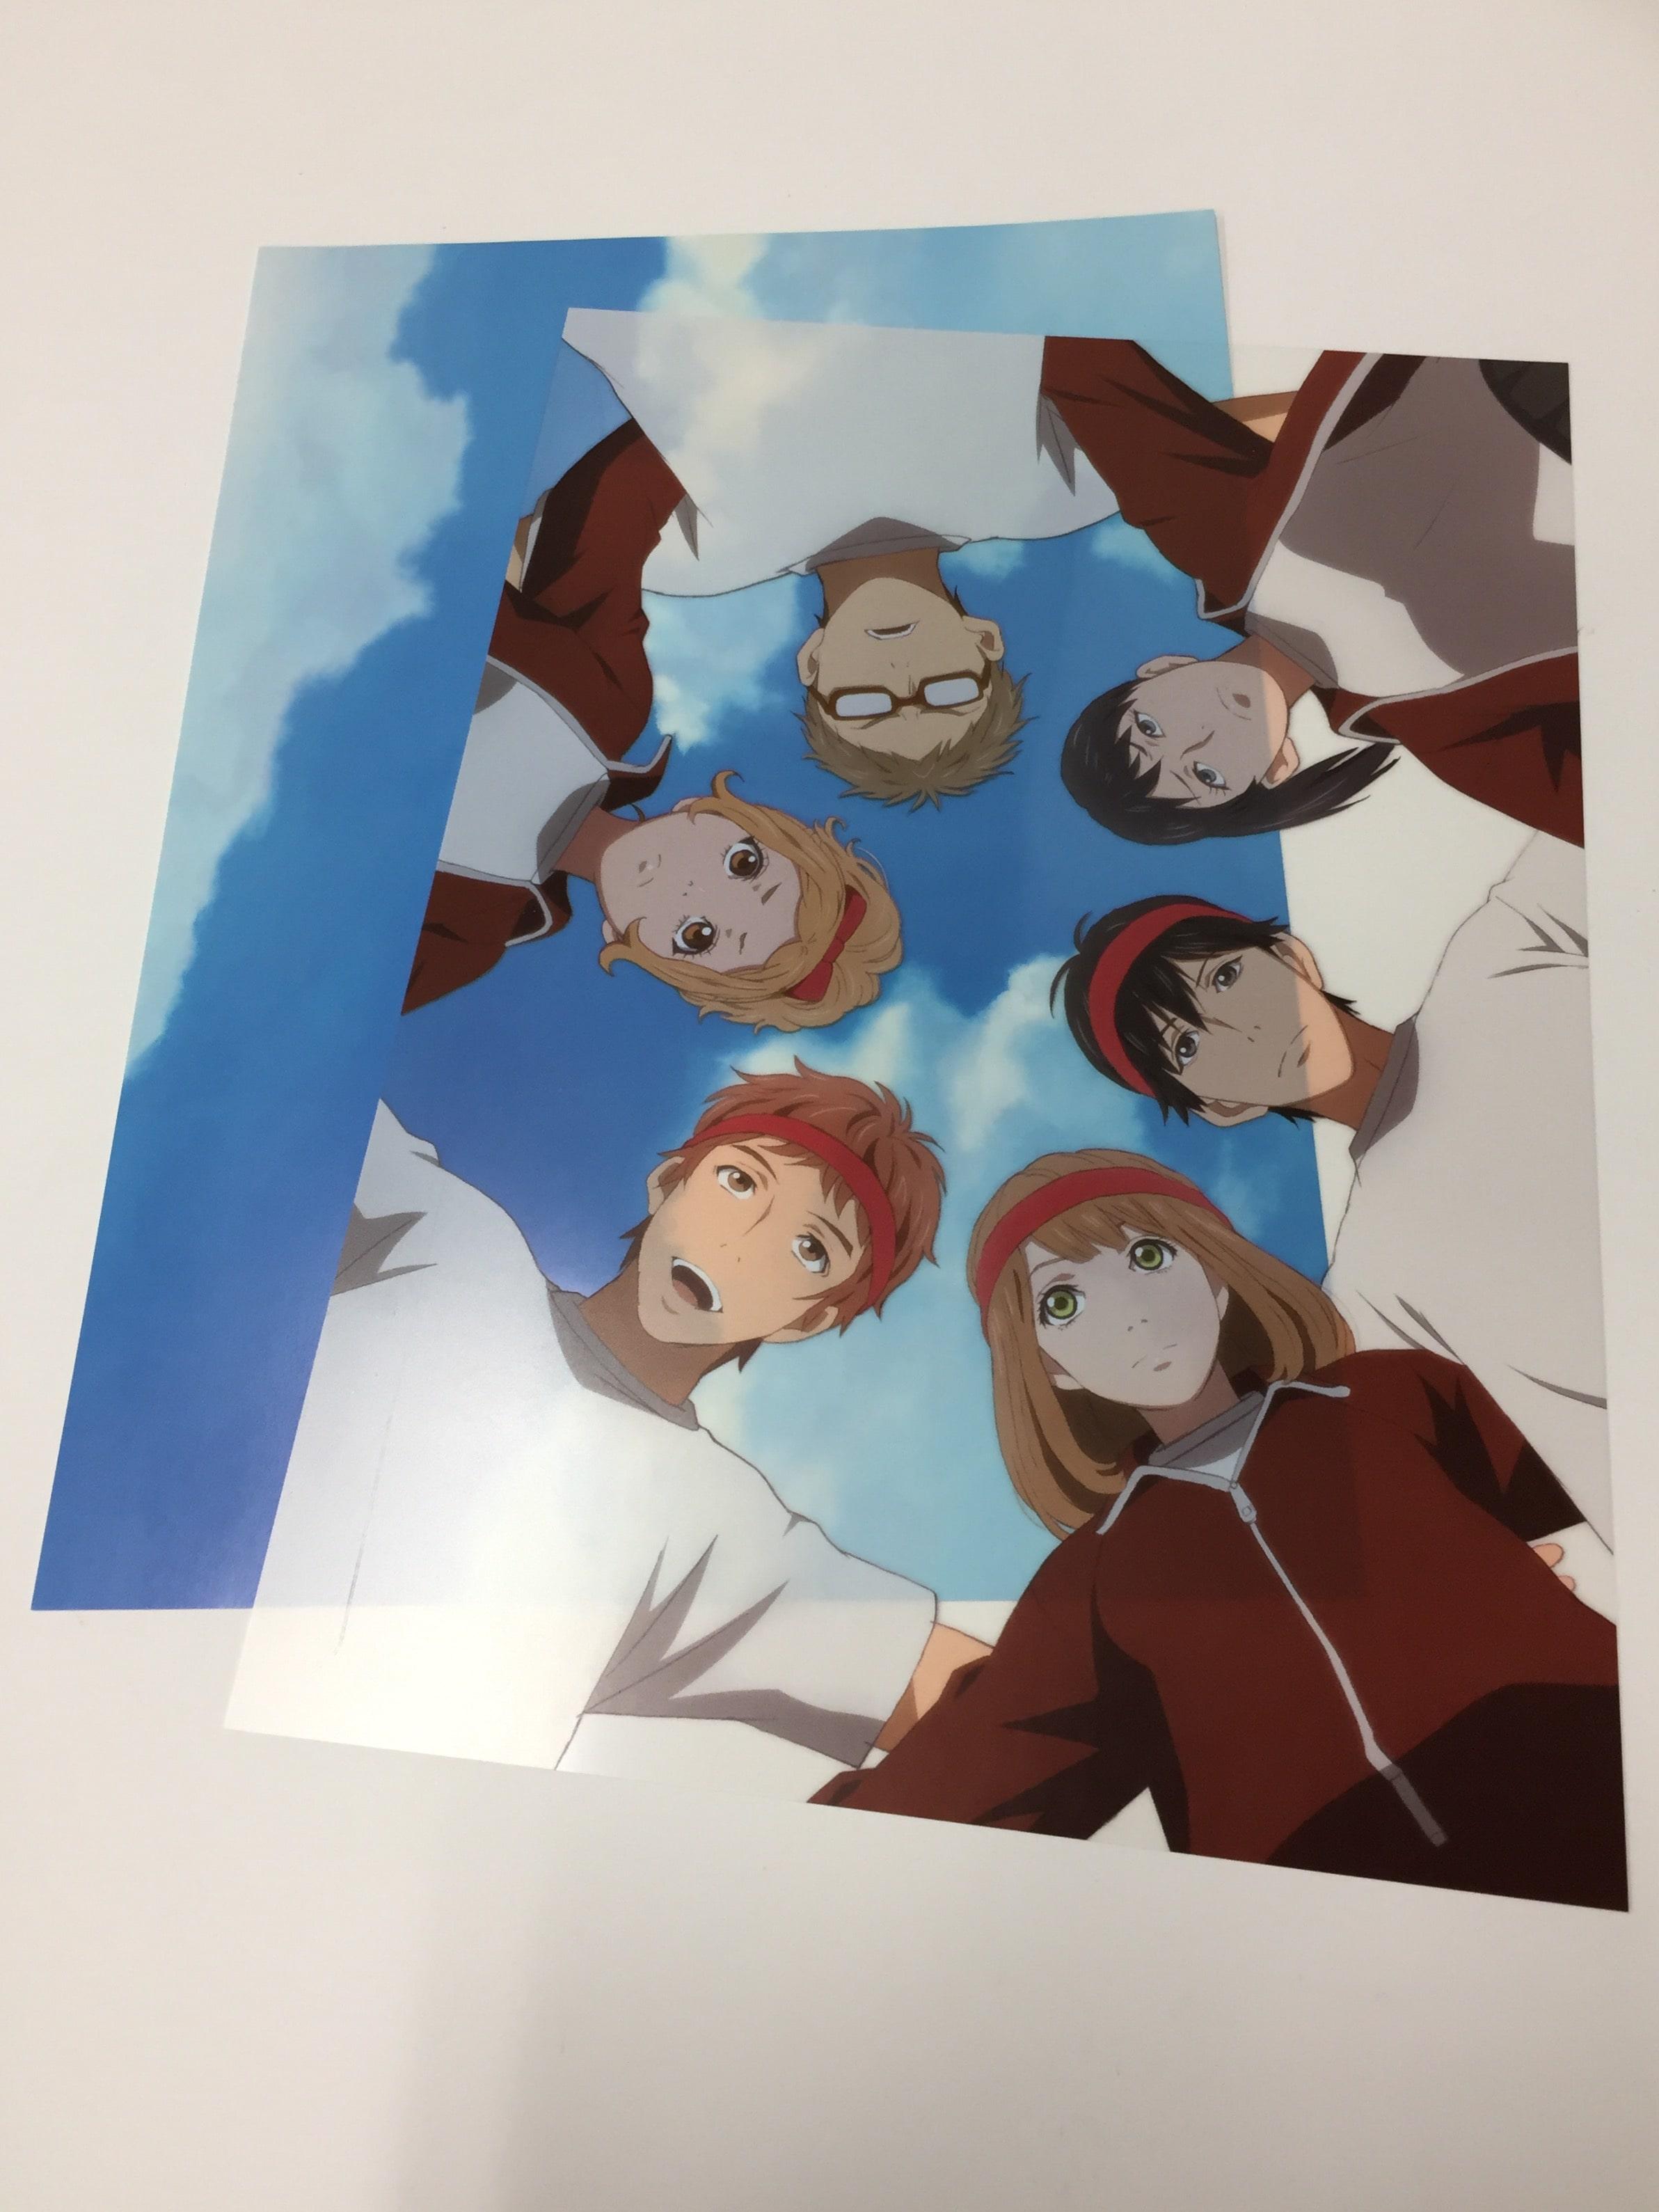 TVアニメ「orange」Vol.5 Blu-ray 初回生産限定版